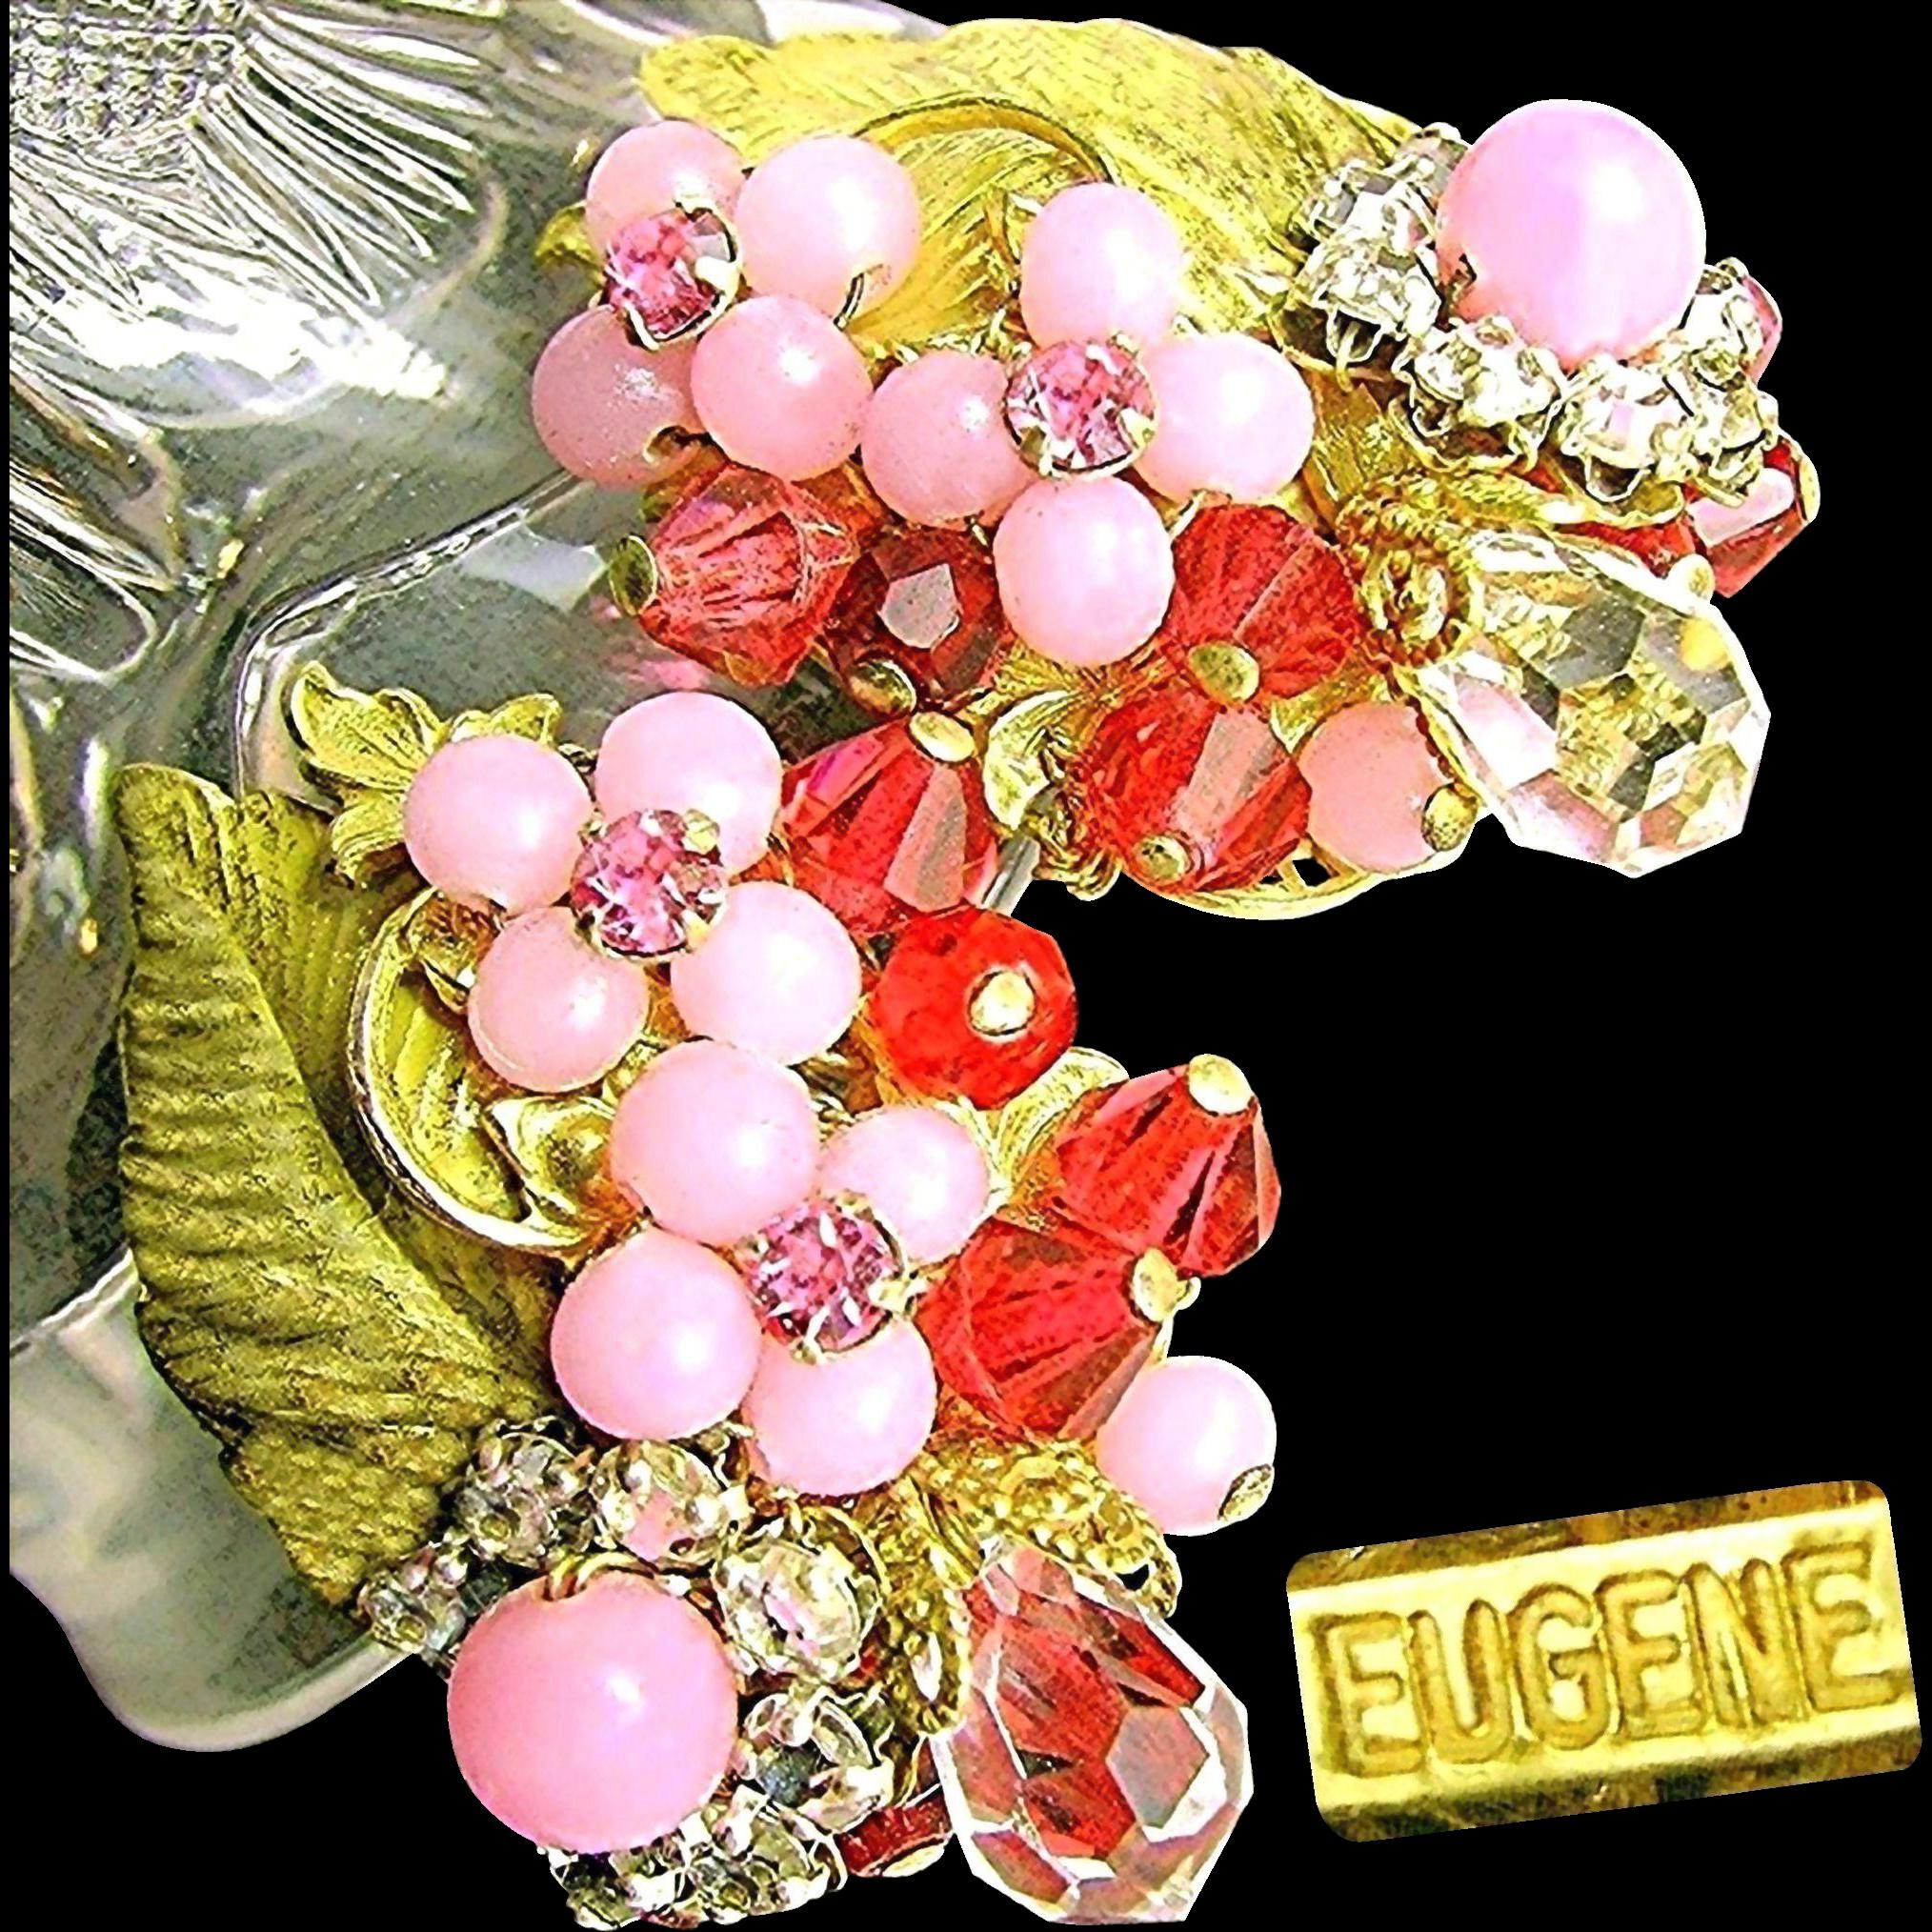 Vintage EUGENE Floral Earrings w/ Layers of Pink Rhinestones 'n Art Glass c.1950's